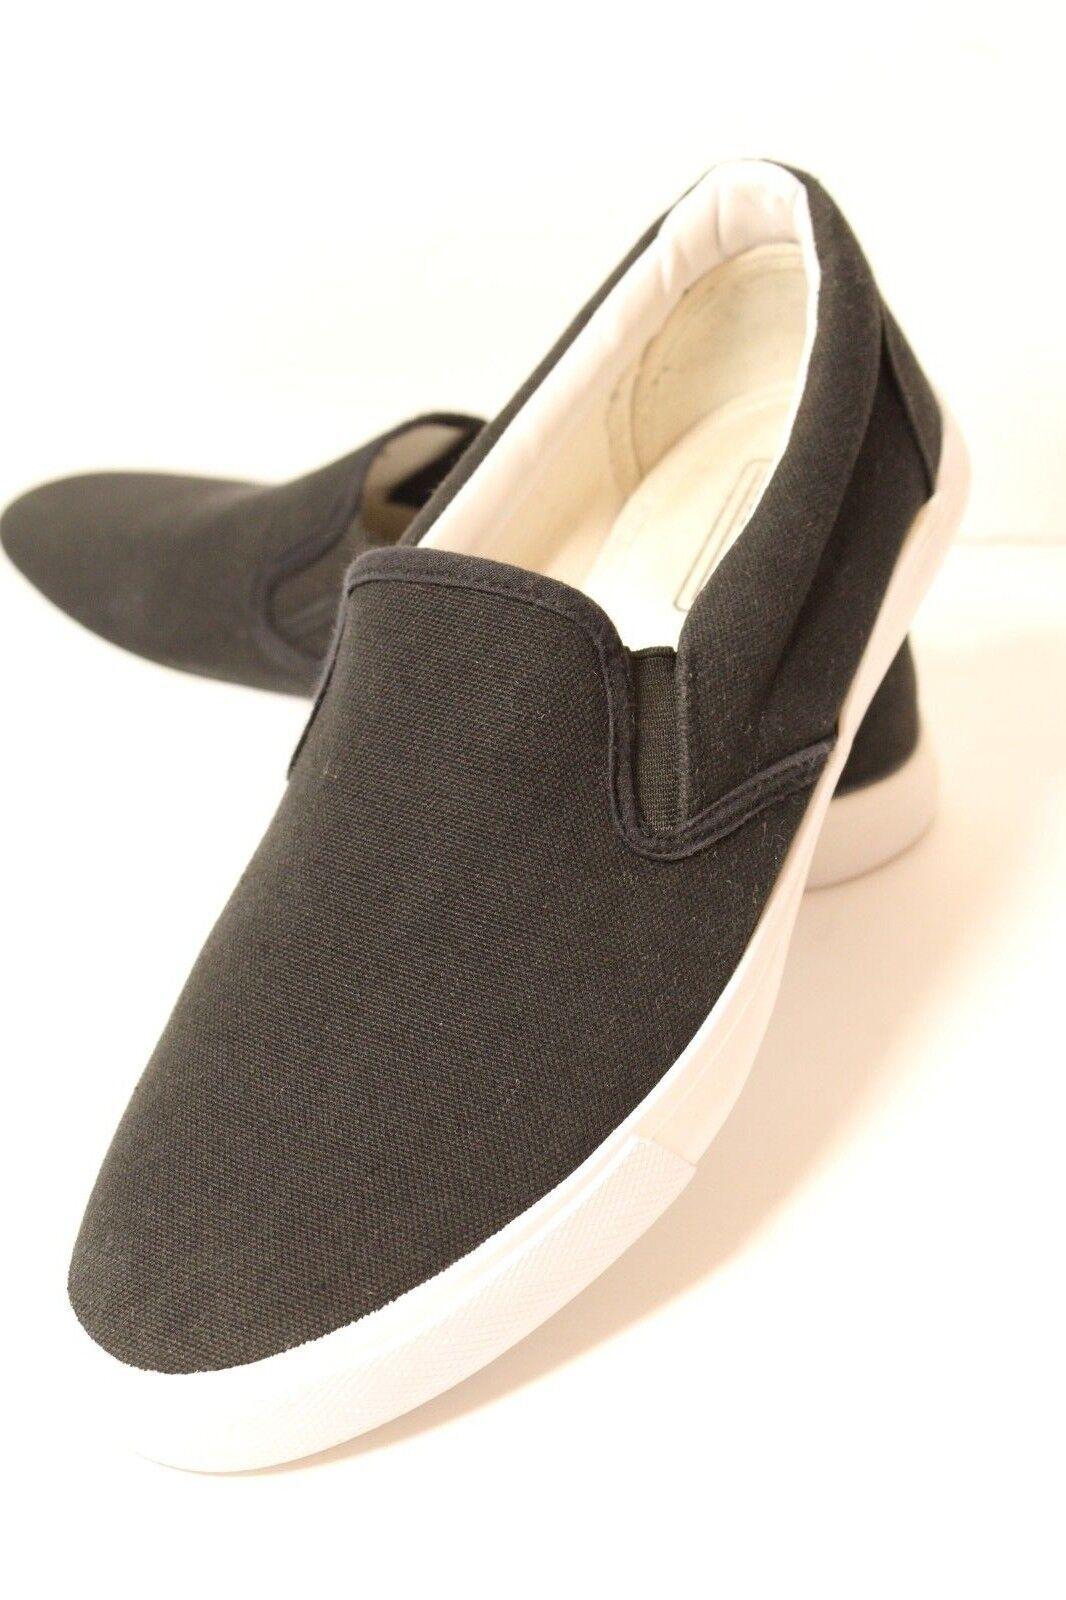 5d7089da4ef6 ASOS Mens Size US 9 Slip On On On Black Canvas Slip on Sneakers 527abb